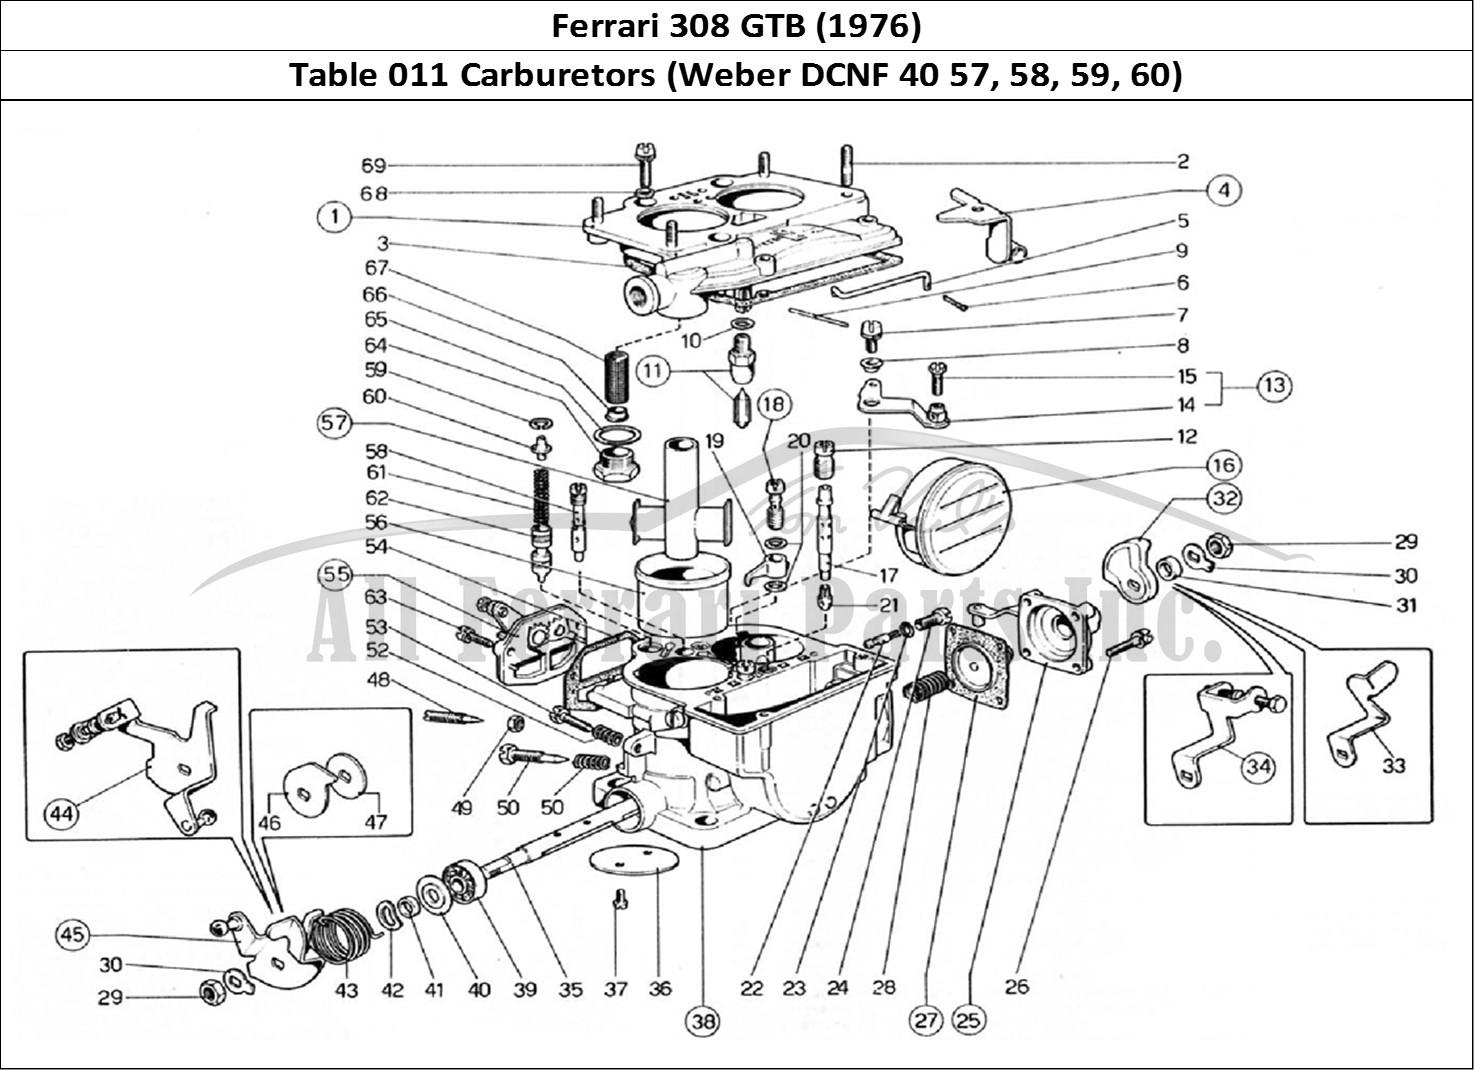 Buy original Ferrari 308 GTB (1976) 011 Carburetors (Weber